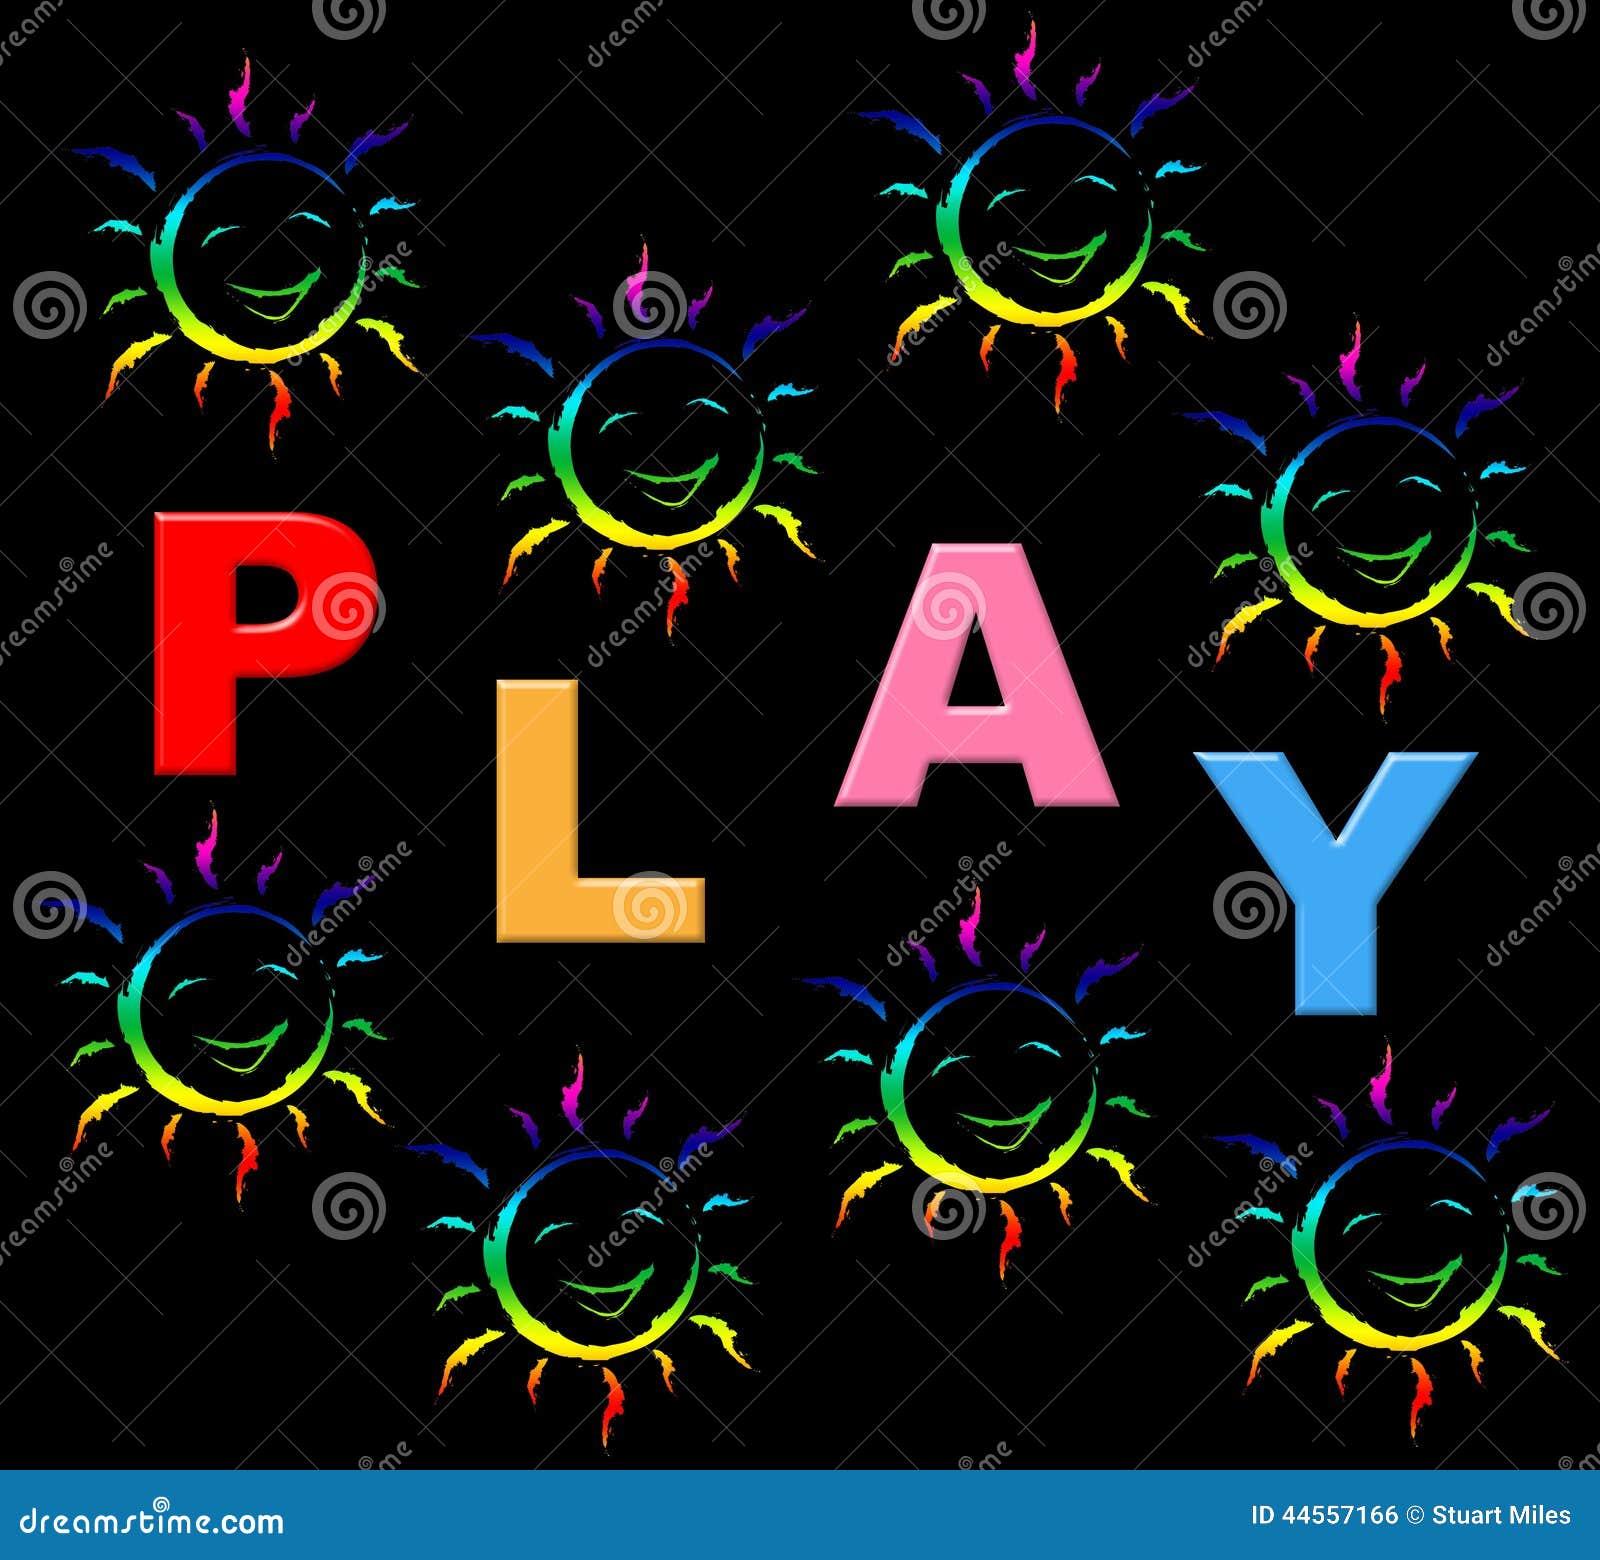 juego tiempo libre nino: